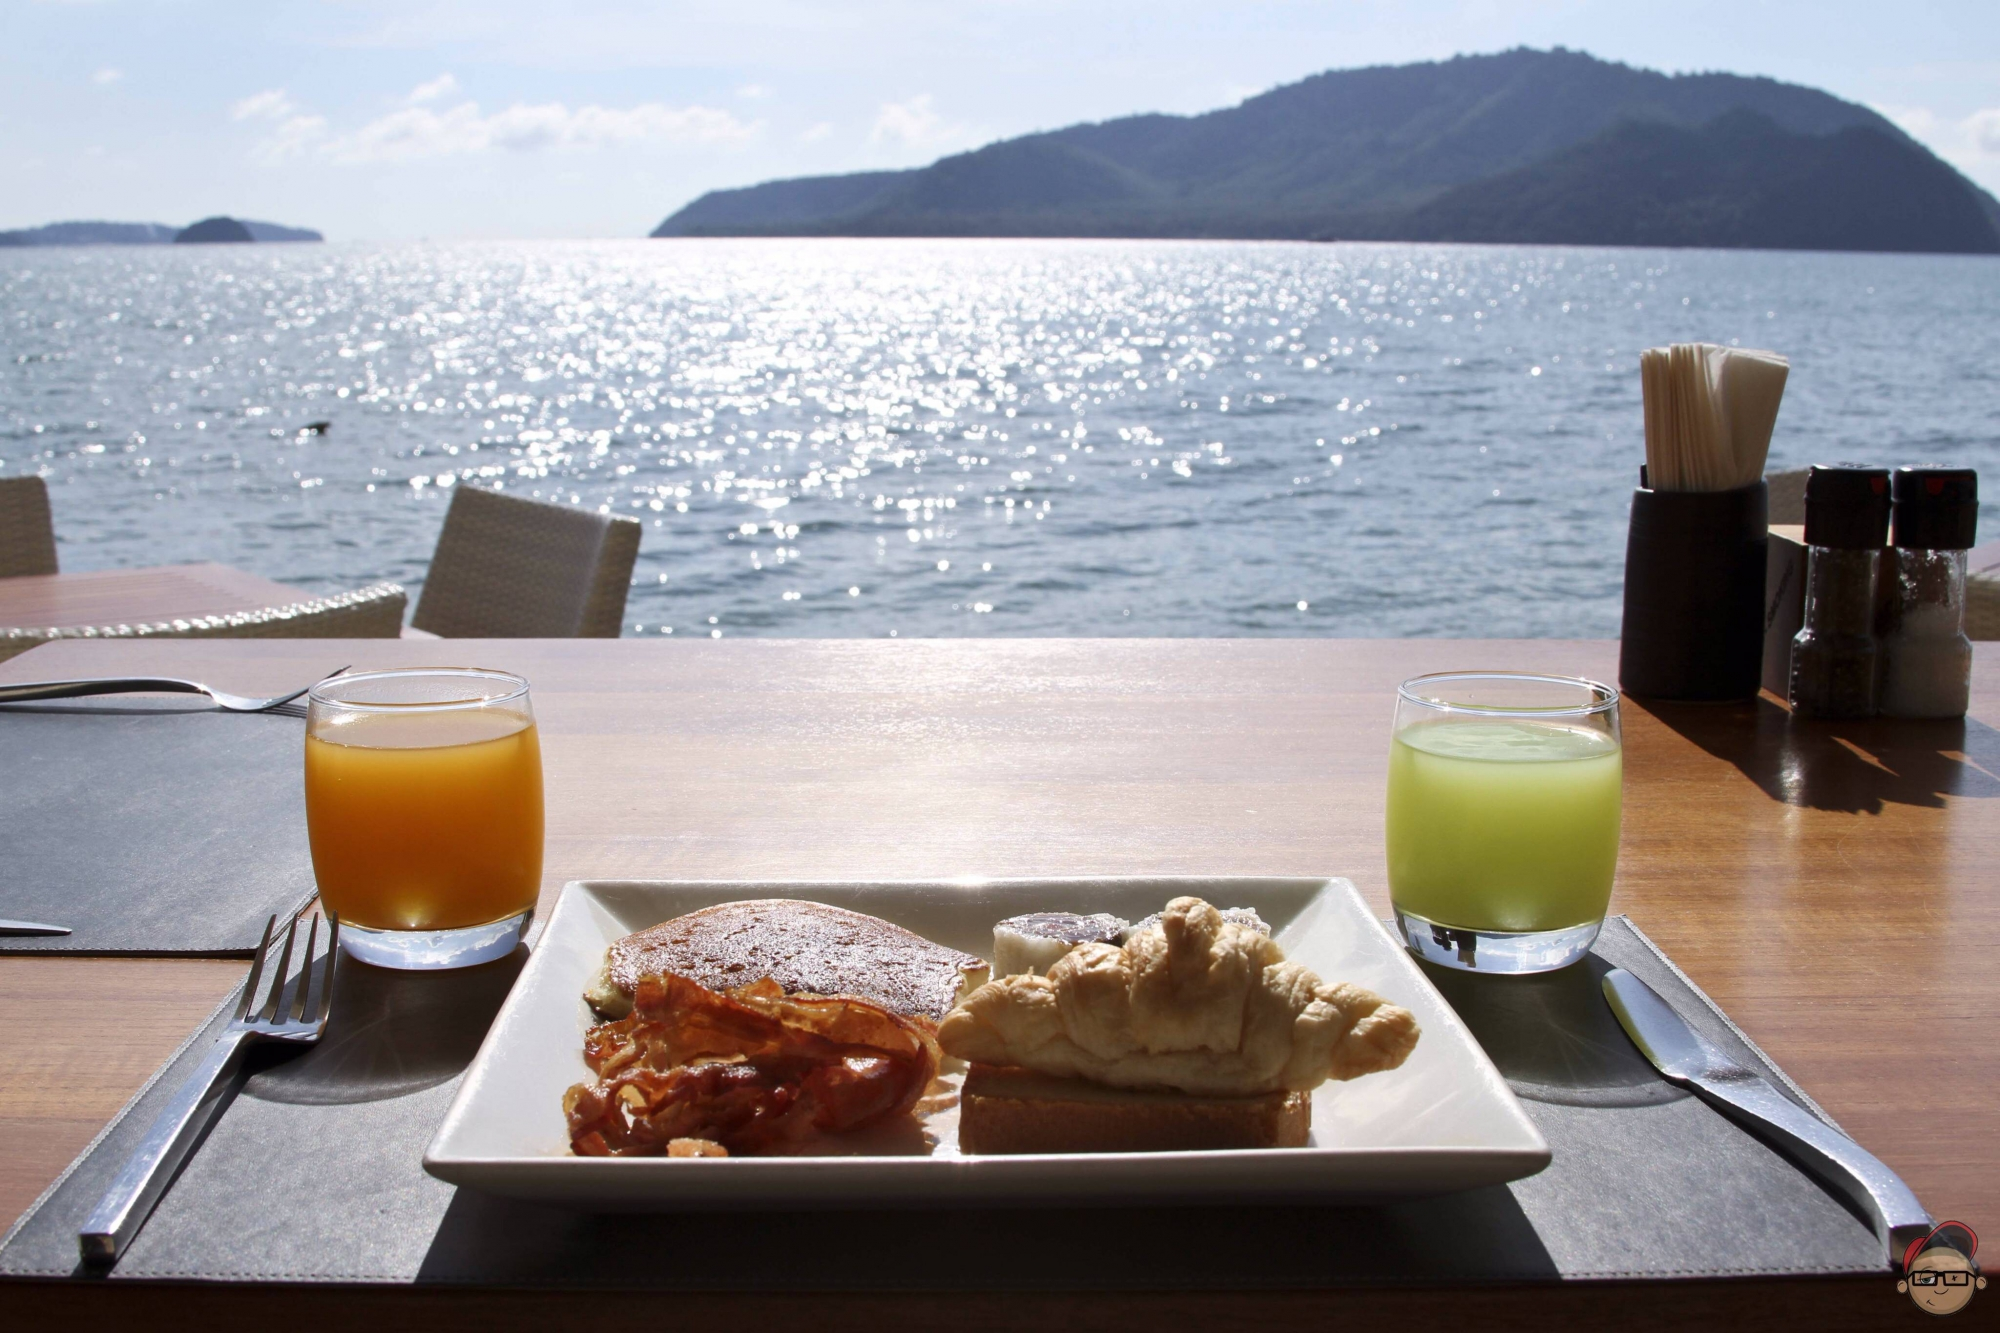 Завтрак у моря красивые картинки, приколами понедельник